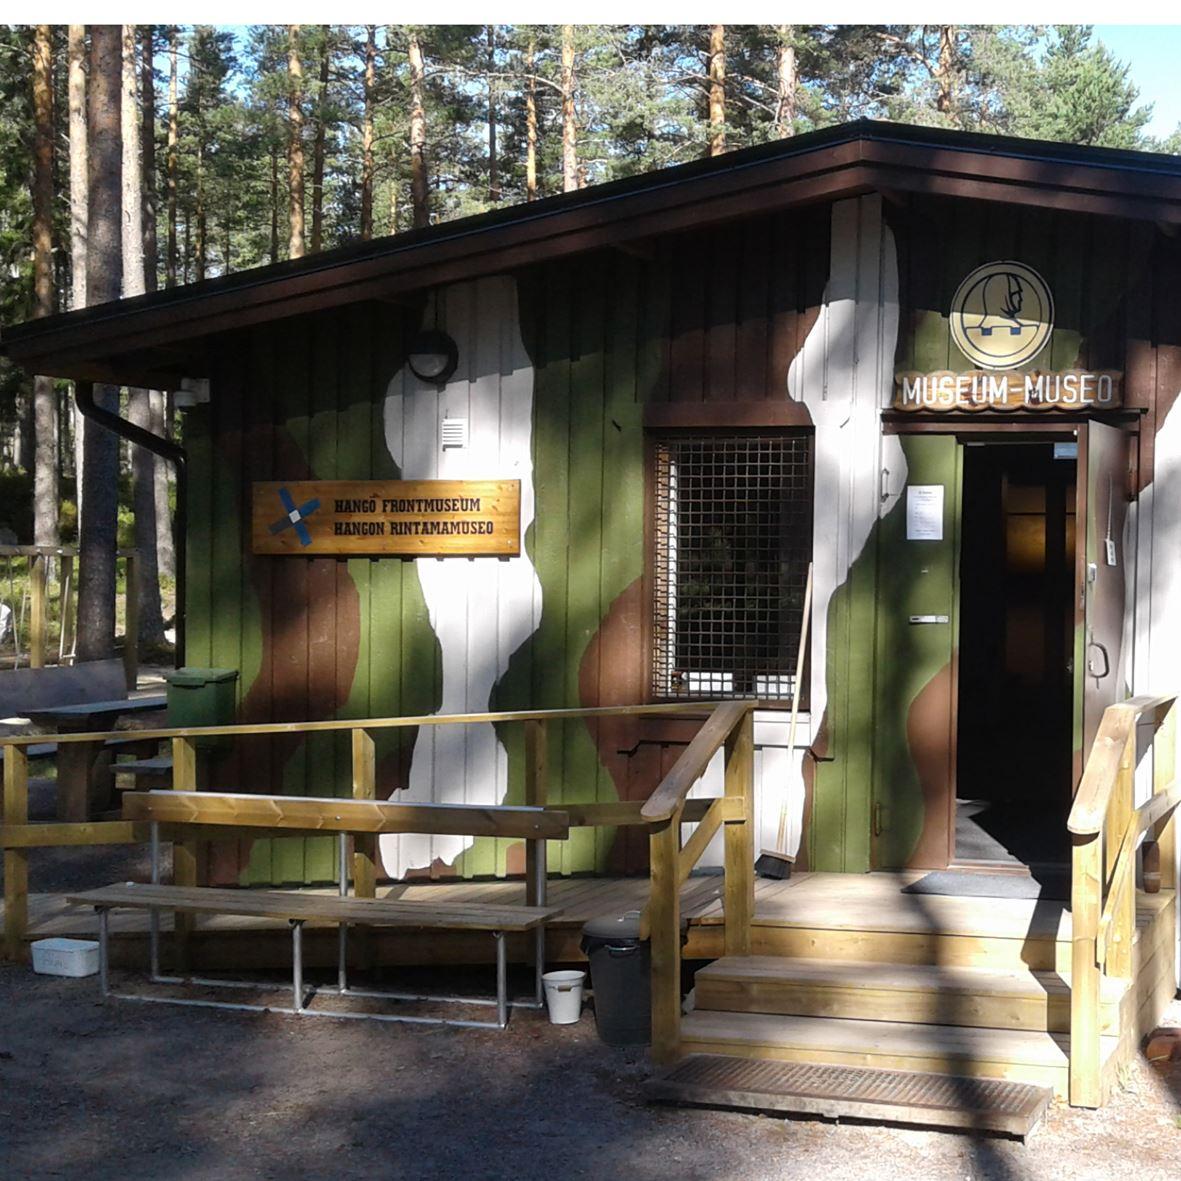 Hanko Frontmuseum and Irma bunker